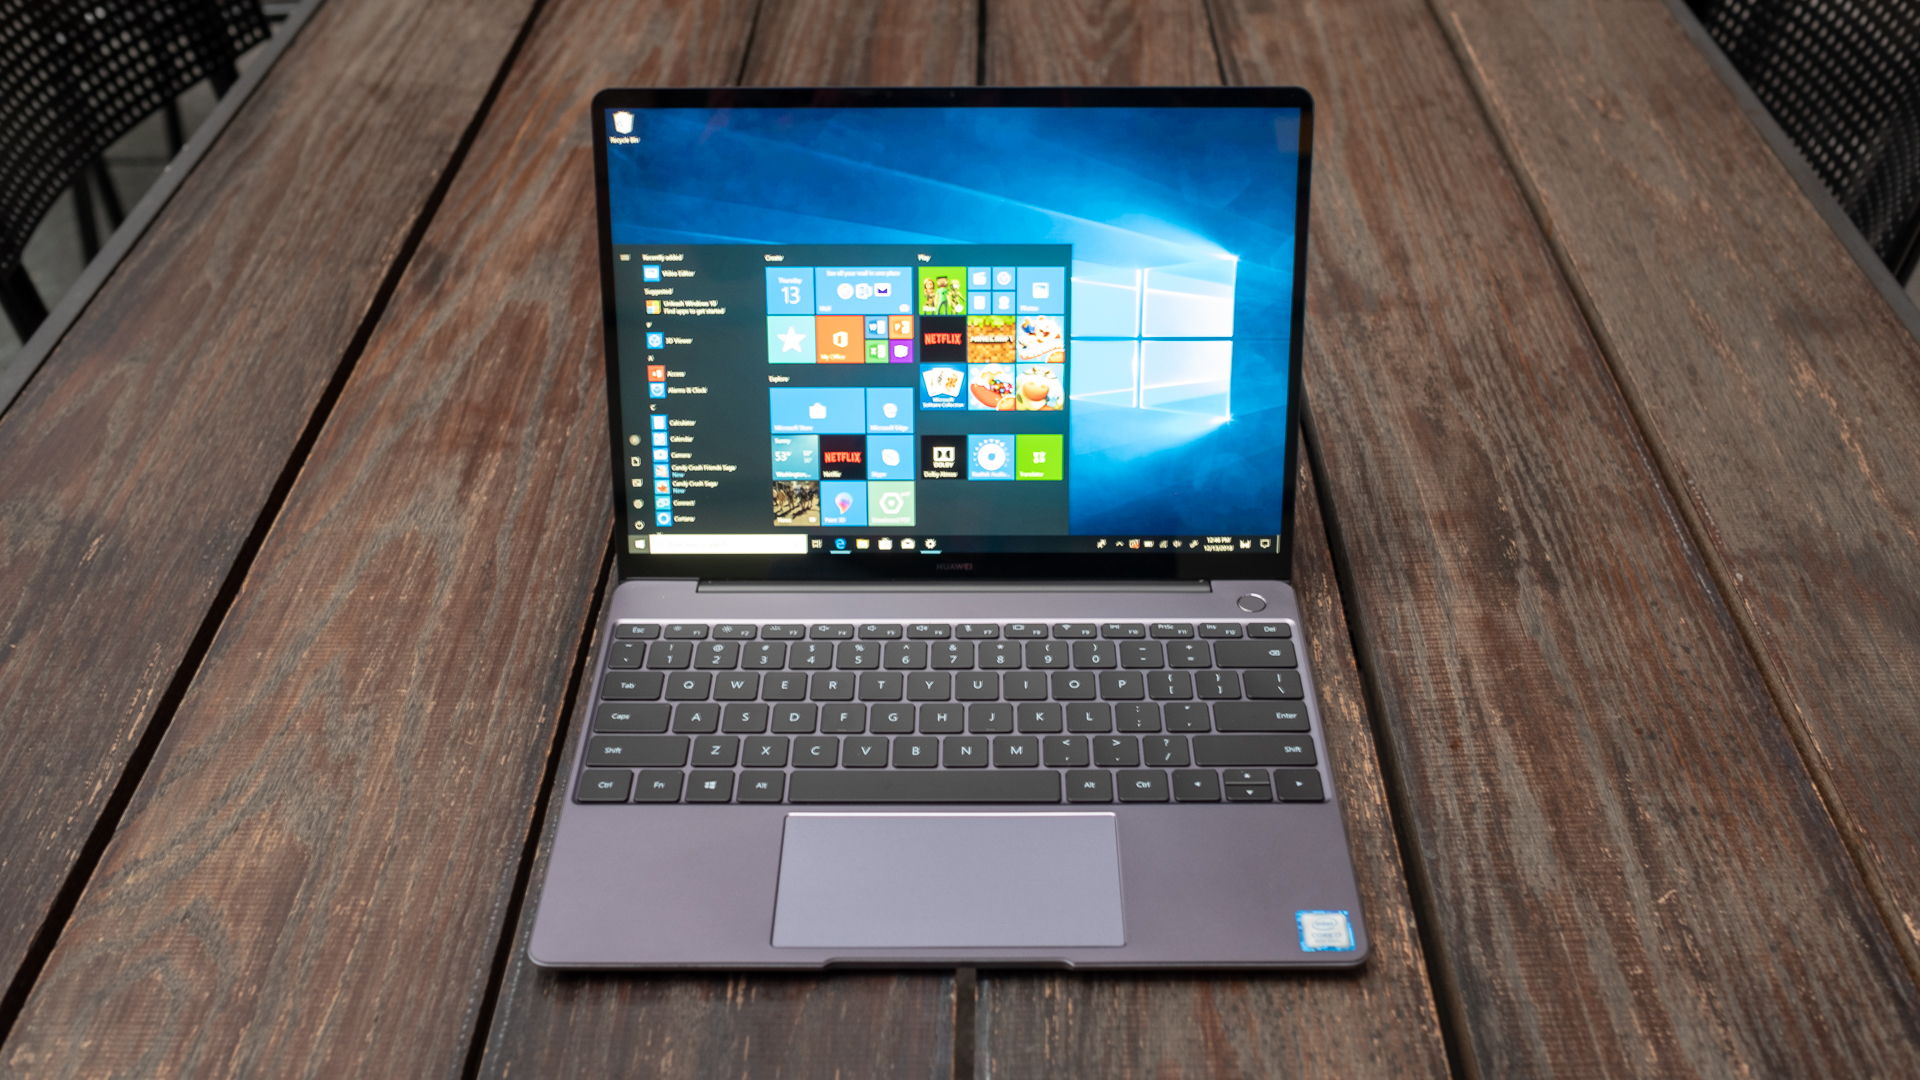 Huawei Matebook 13 - The Best Ultrabook